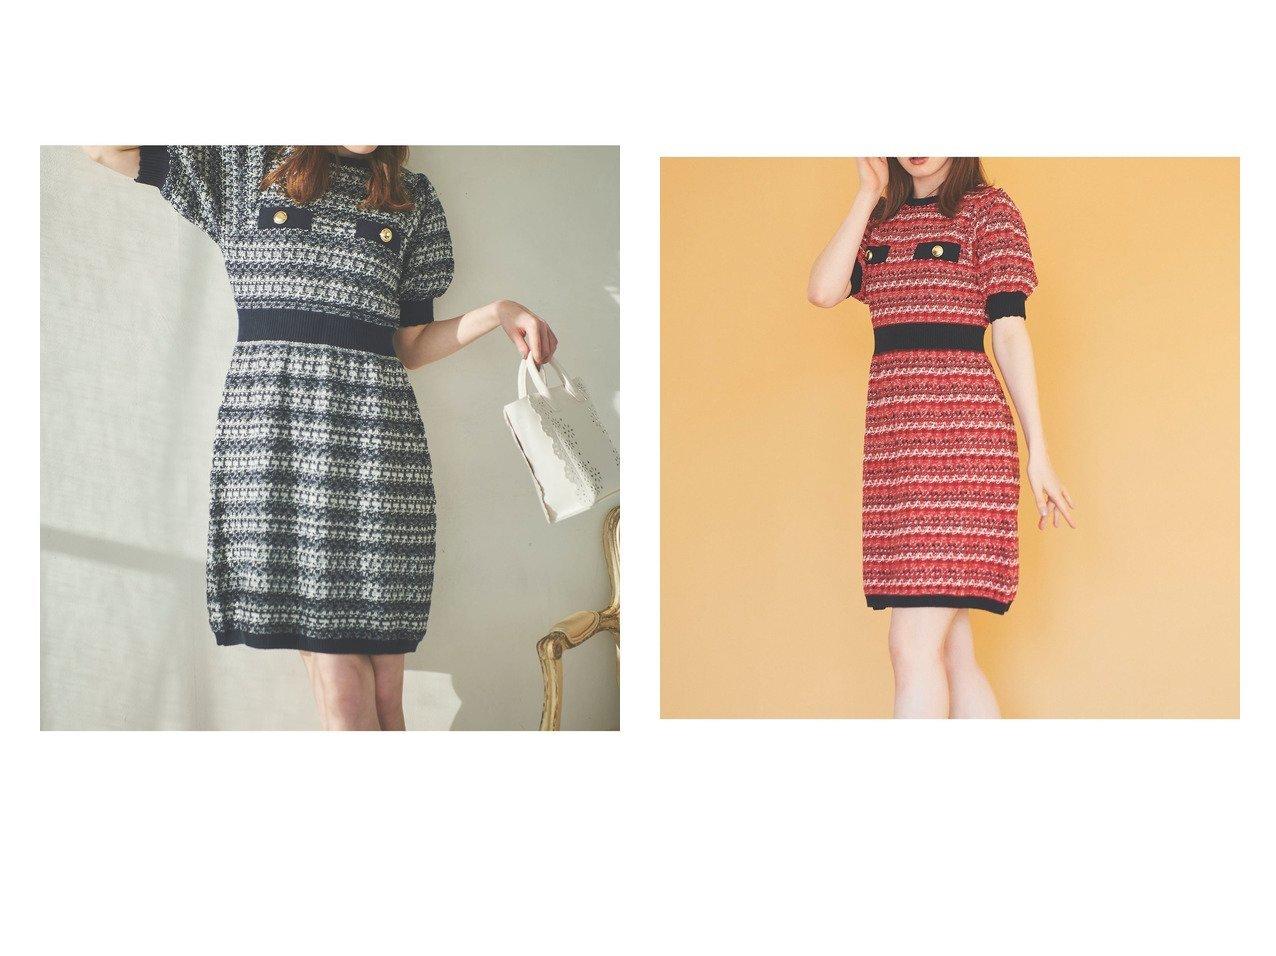 【31 Sons de mode/トランテアン ソン ドゥ モード】のツイーディーニットミニワンピ ワンピース・ドレスのおすすめ!人気、トレンド・レディースファッションの通販 おすすめで人気の流行・トレンド、ファッションの通販商品 メンズファッション・キッズファッション・インテリア・家具・レディースファッション・服の通販 founy(ファニー) https://founy.com/ ファッション Fashion レディースファッション WOMEN ワンピース Dress NEW・新作・新着・新入荷 New Arrivals 2021年 2021 2021 春夏 S/S SS Spring/Summer 2021 S/S 春夏 SS Spring/Summer スカラップ ツイード |ID:crp329100000016168